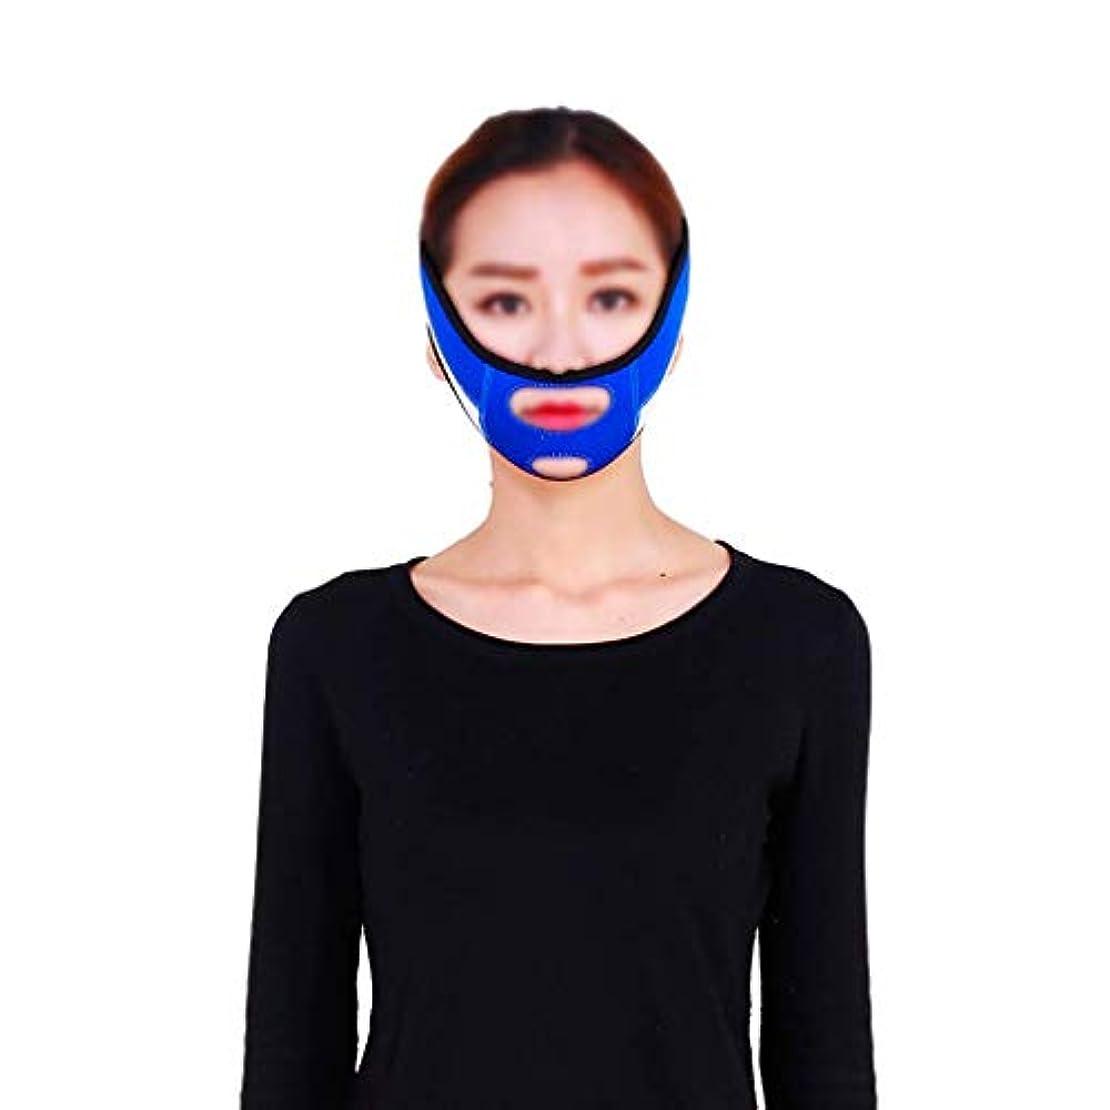 する必要があるいくつかのジレンマ引き締めフェイスマスク、たるみ肌を強化するために口を調整して滑り止め弾性伸縮性包帯を調整するための小さなVフェイスアーティファクトリフティングマスク